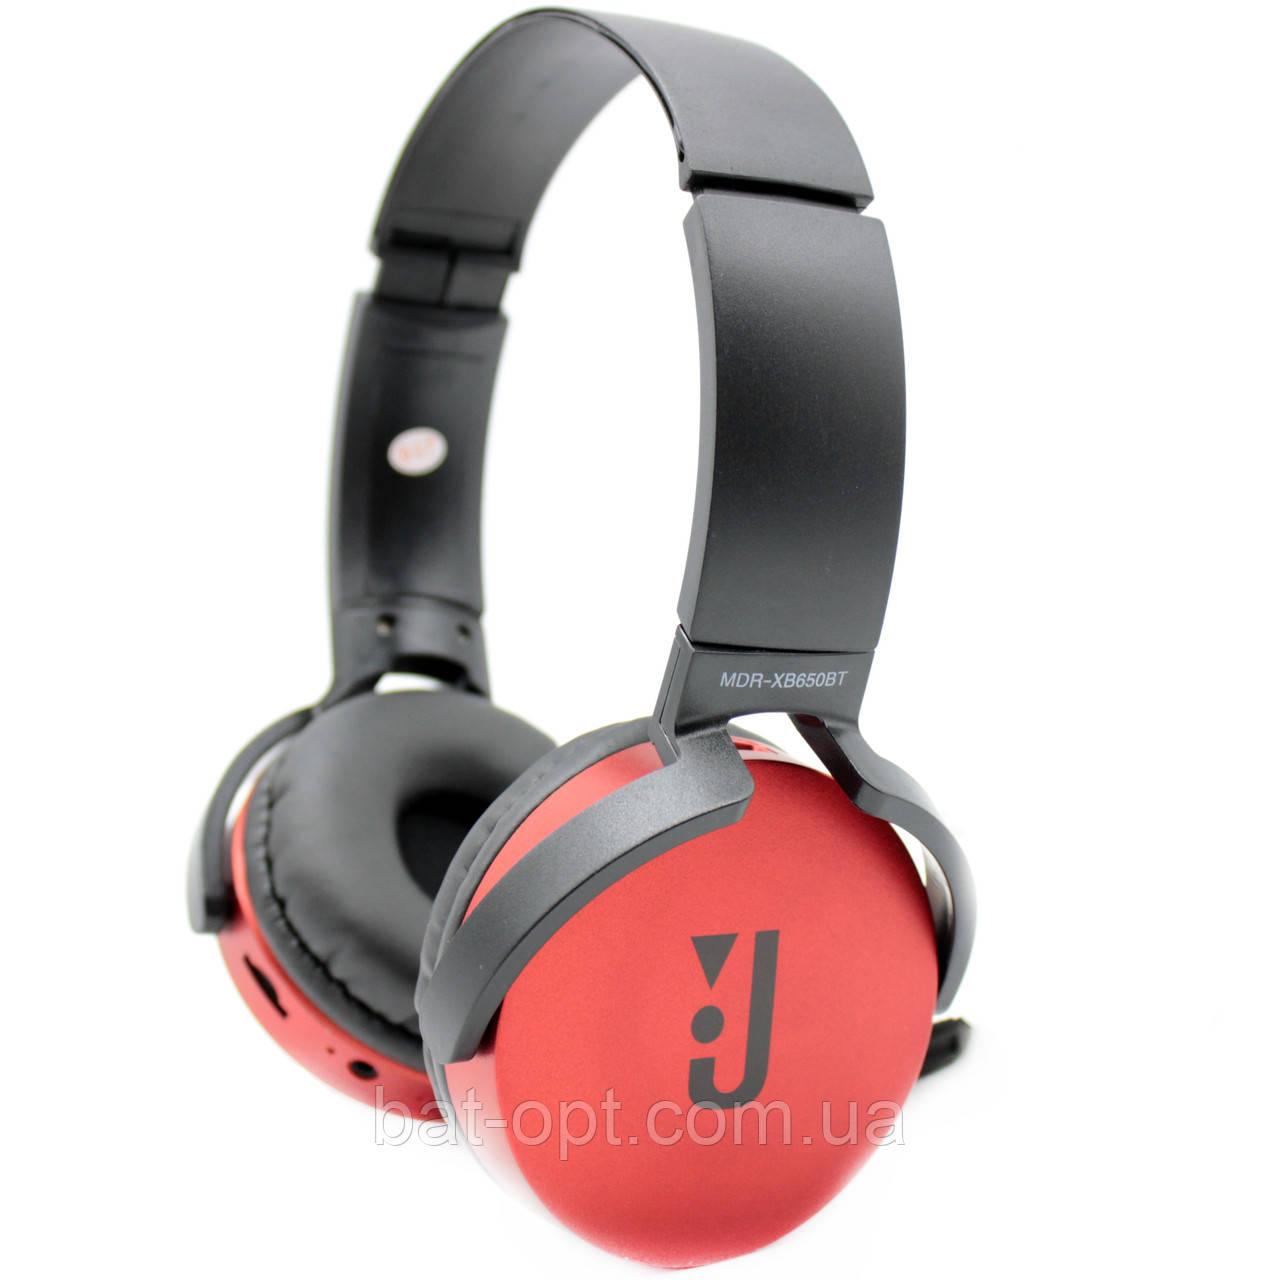 Bluetooth - наушники JBL MDR-XB650BT красные